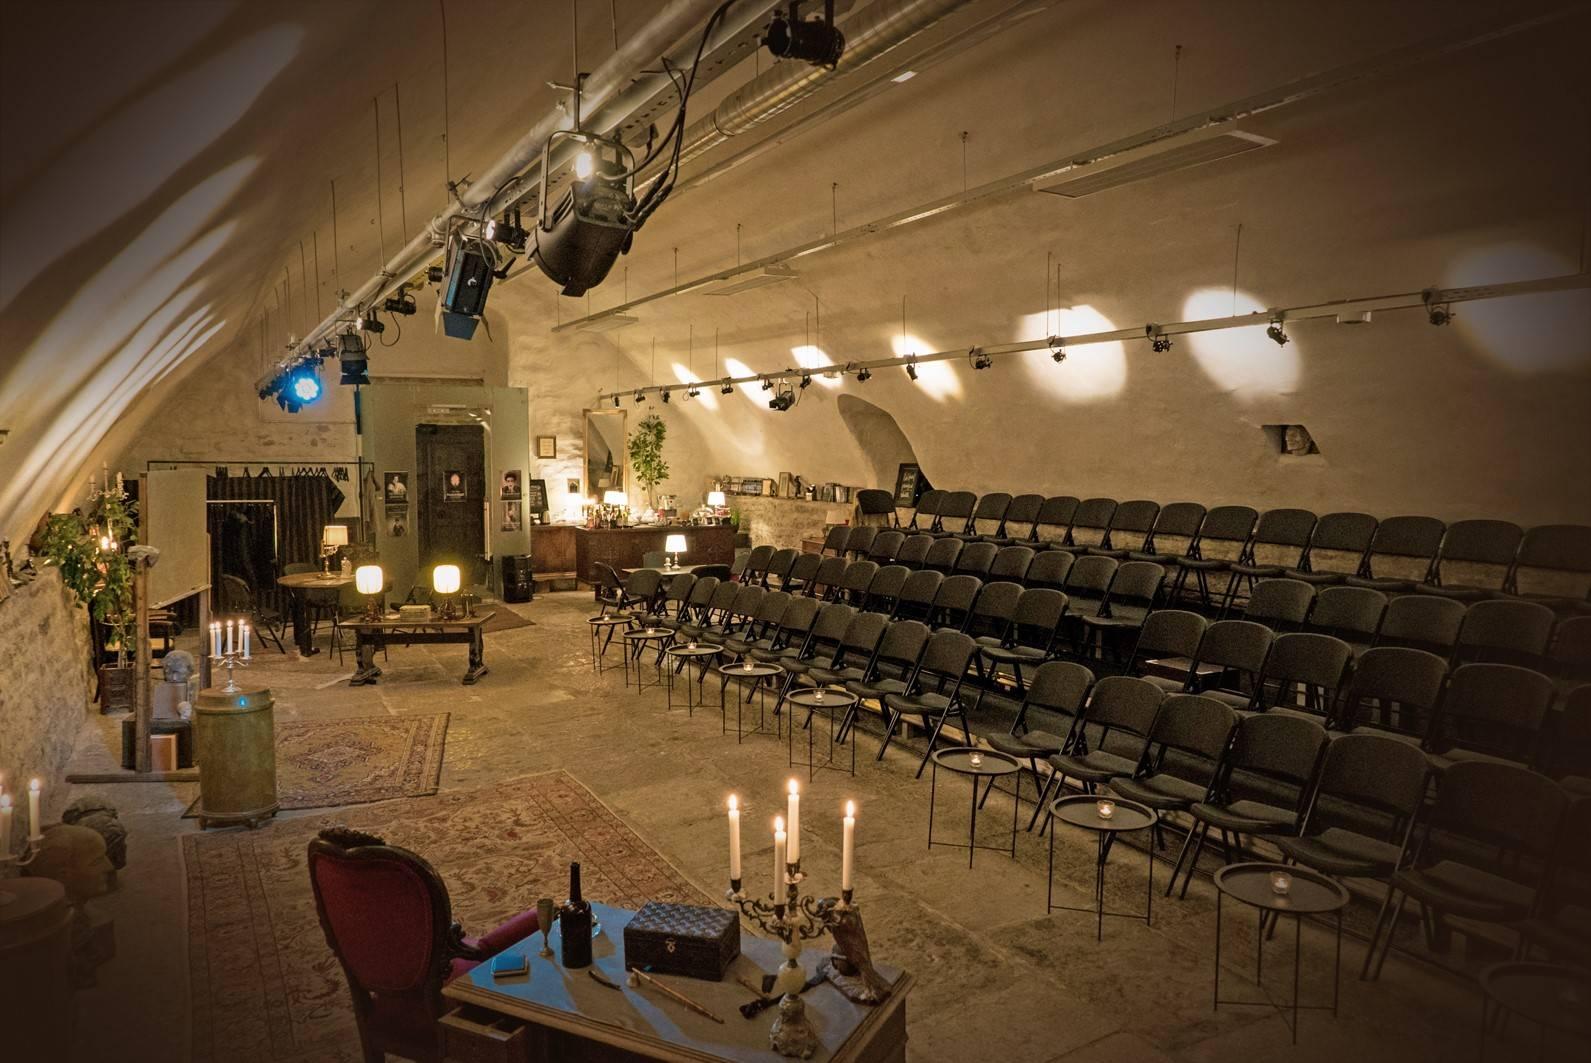 Kellerteater, Old Town Mystery Theatre in Tallinn, Estonia